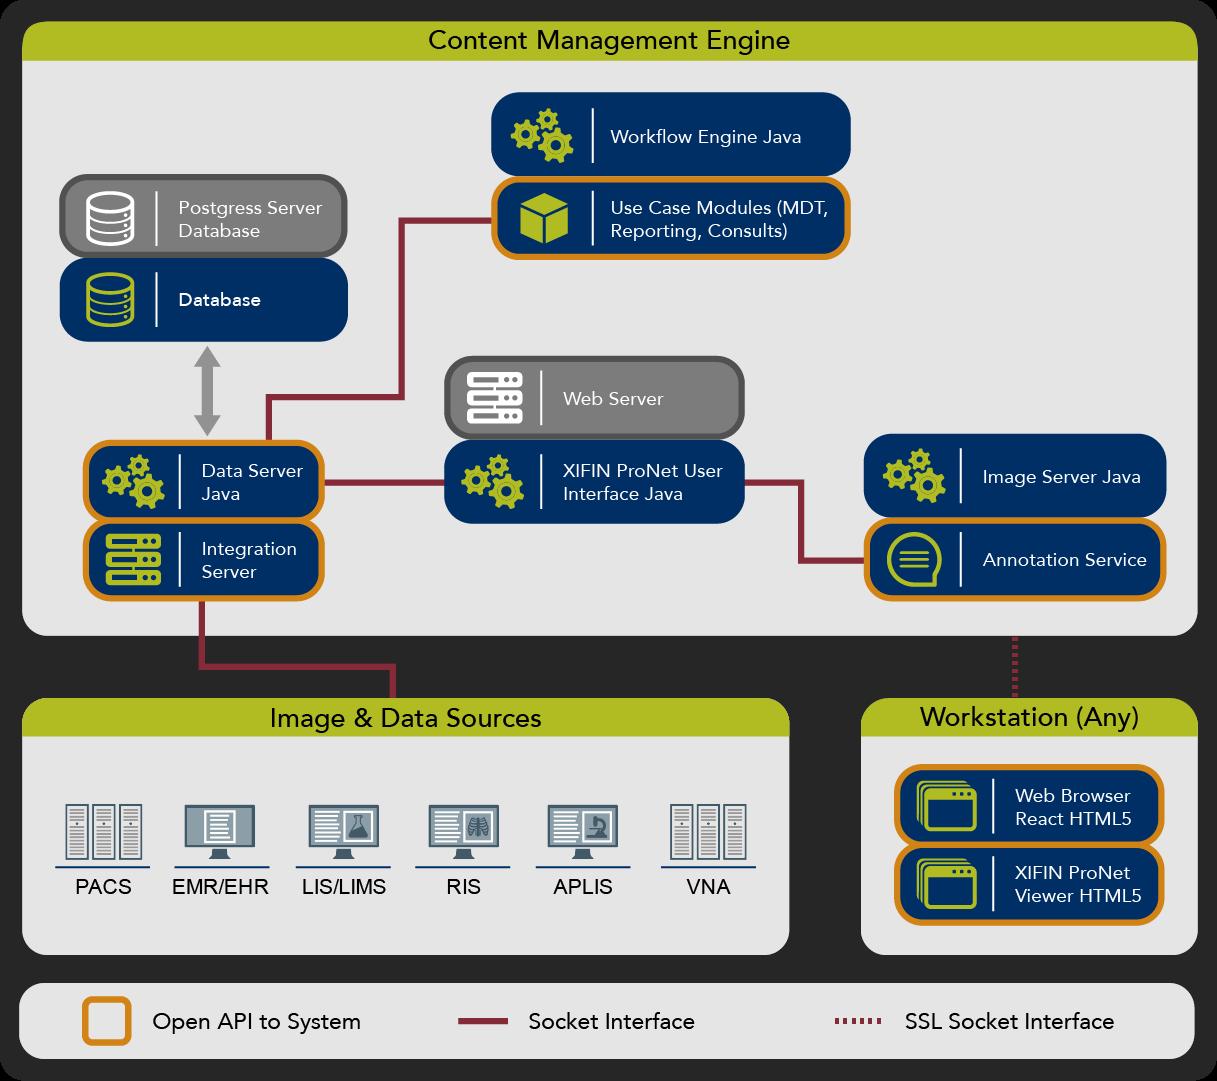 XIFIN ProNet Architecture